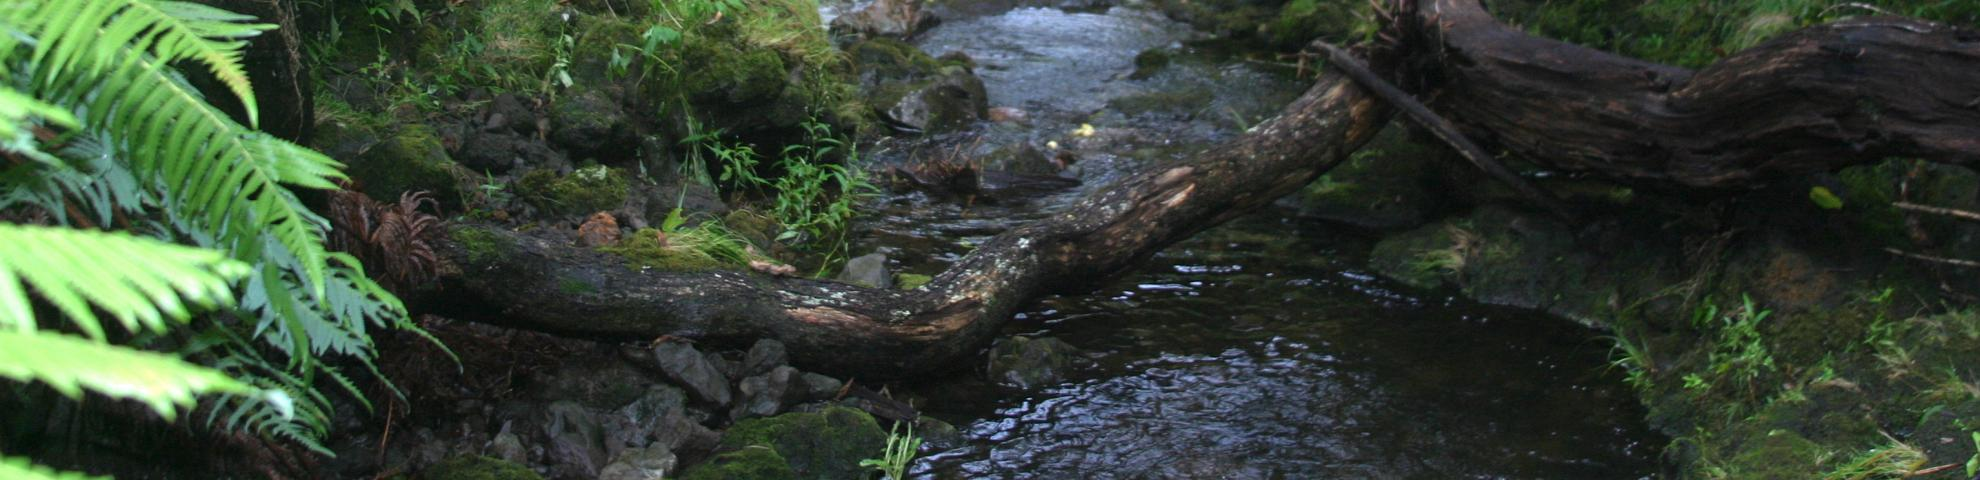 HKK forest Zeigler